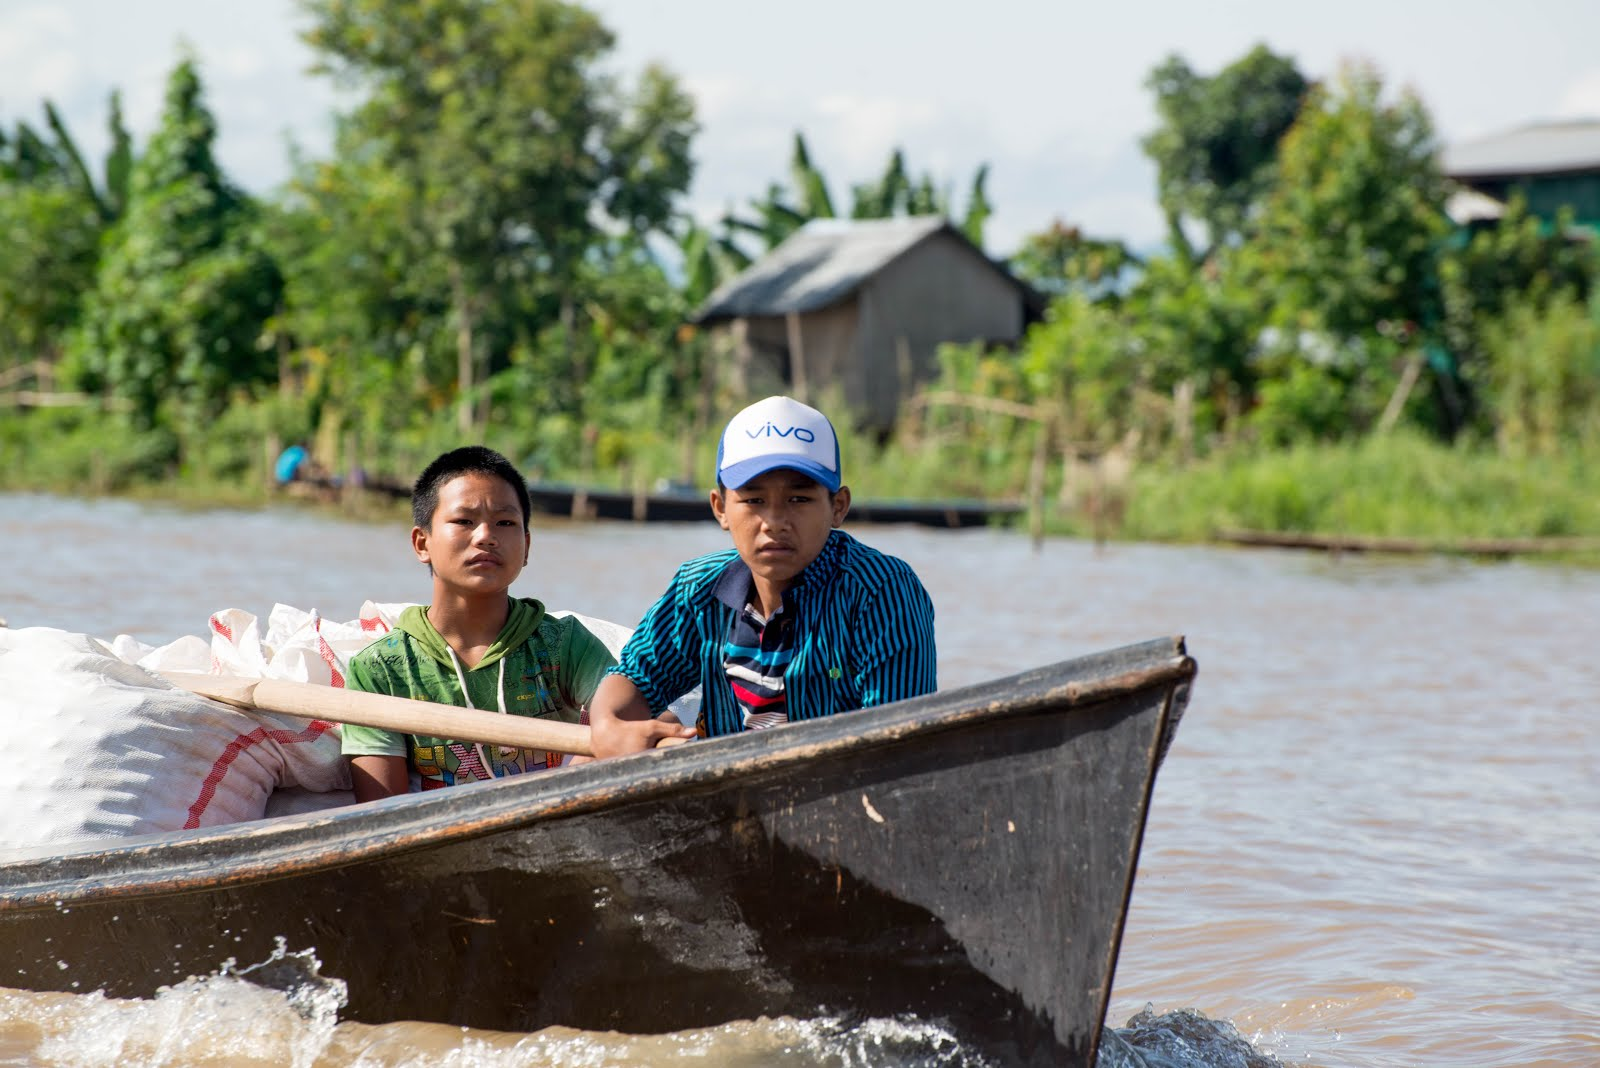 緬甸(Myanmar)旅行- 茵萊湖(inle lake)簡易攻略(simple guide) - Million ...